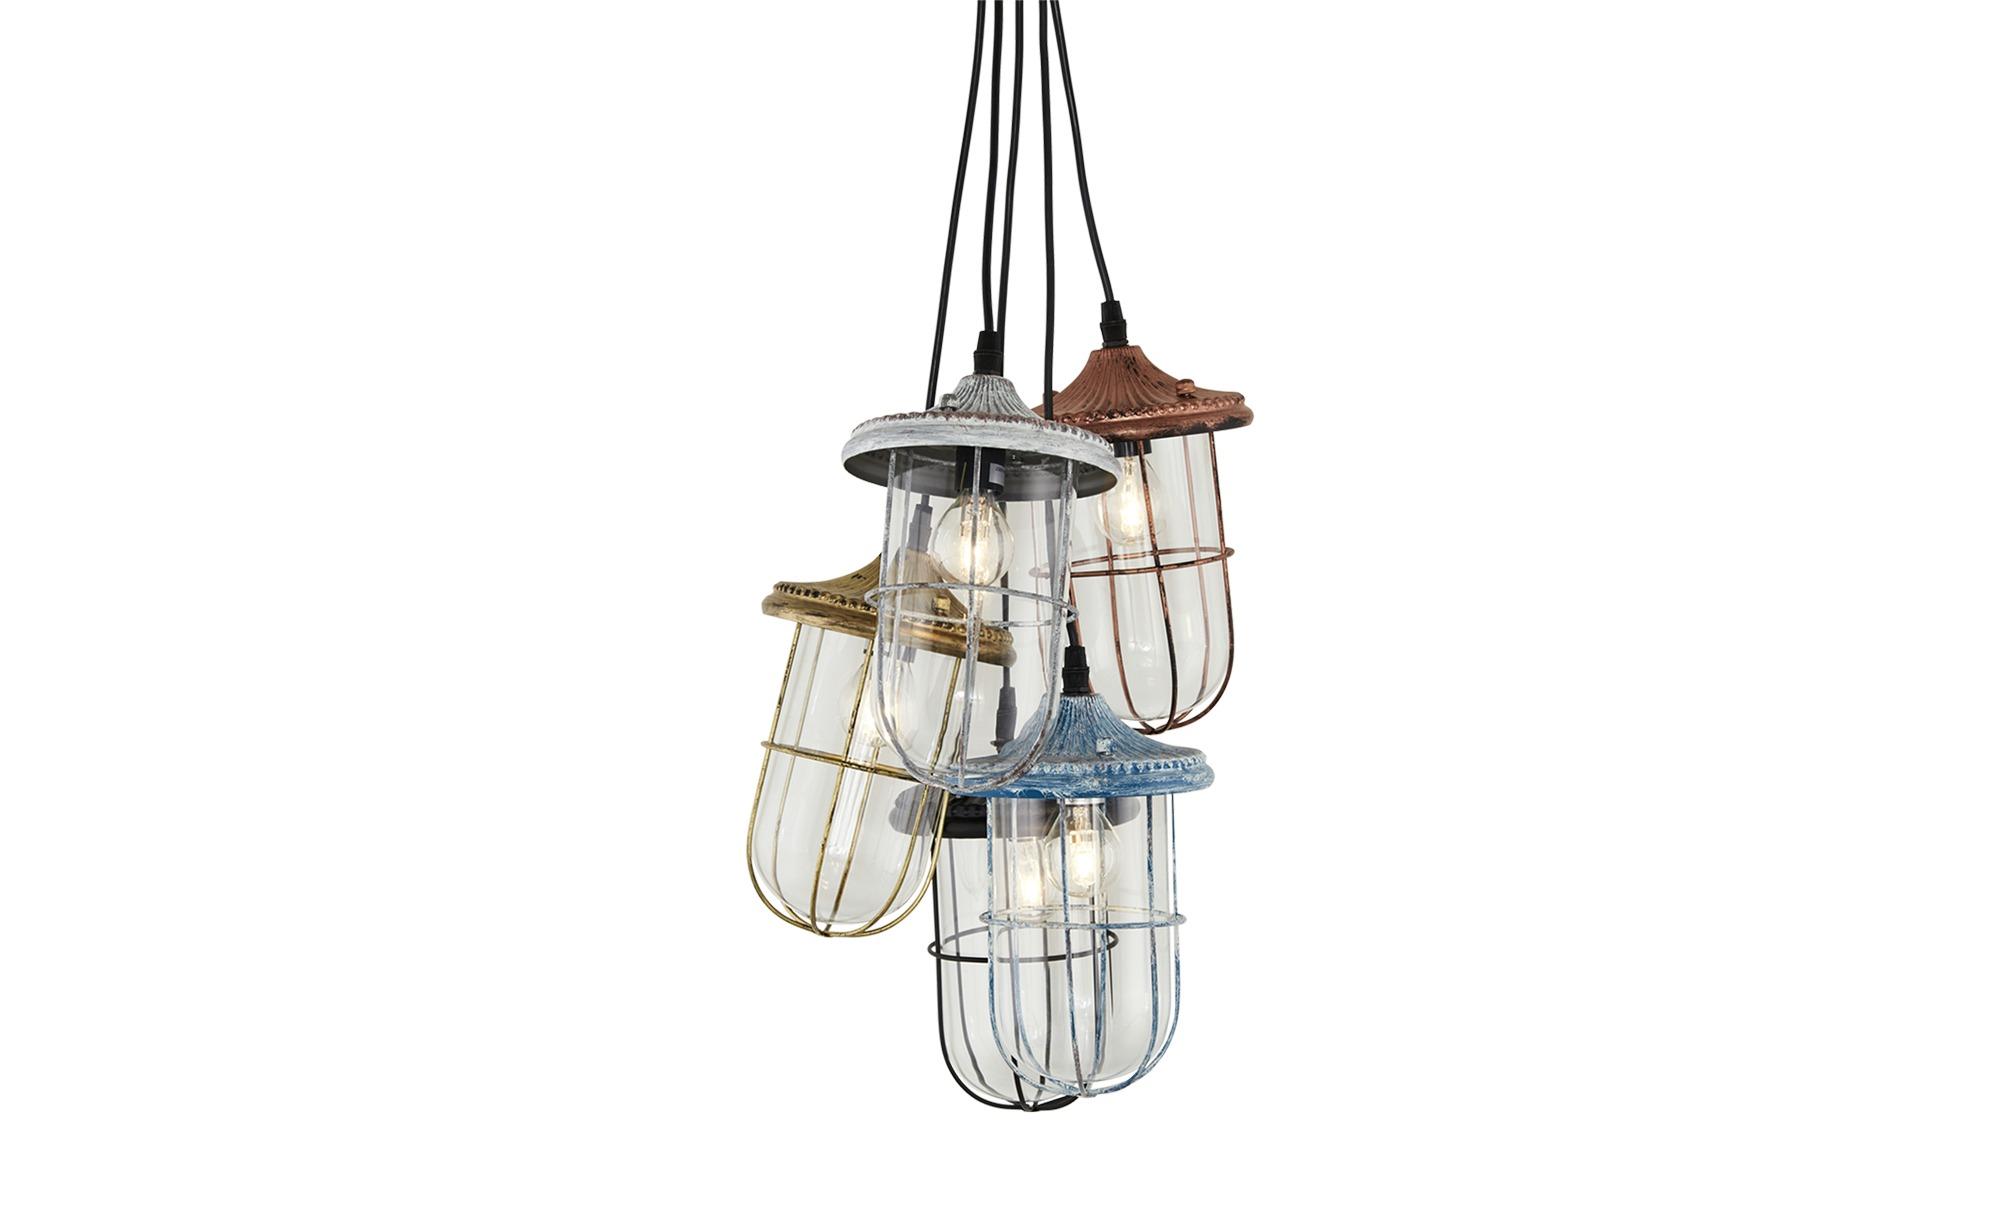 Trio Pendelleuchte, 5-flammig mit verschiedenen Schirmen ¦ mehrfarbig ¦ Maße (cm): H: 120 Ø: [30.0] Lampen & Leuchten > Innenleuchten > Pendelleuchten - Höffner